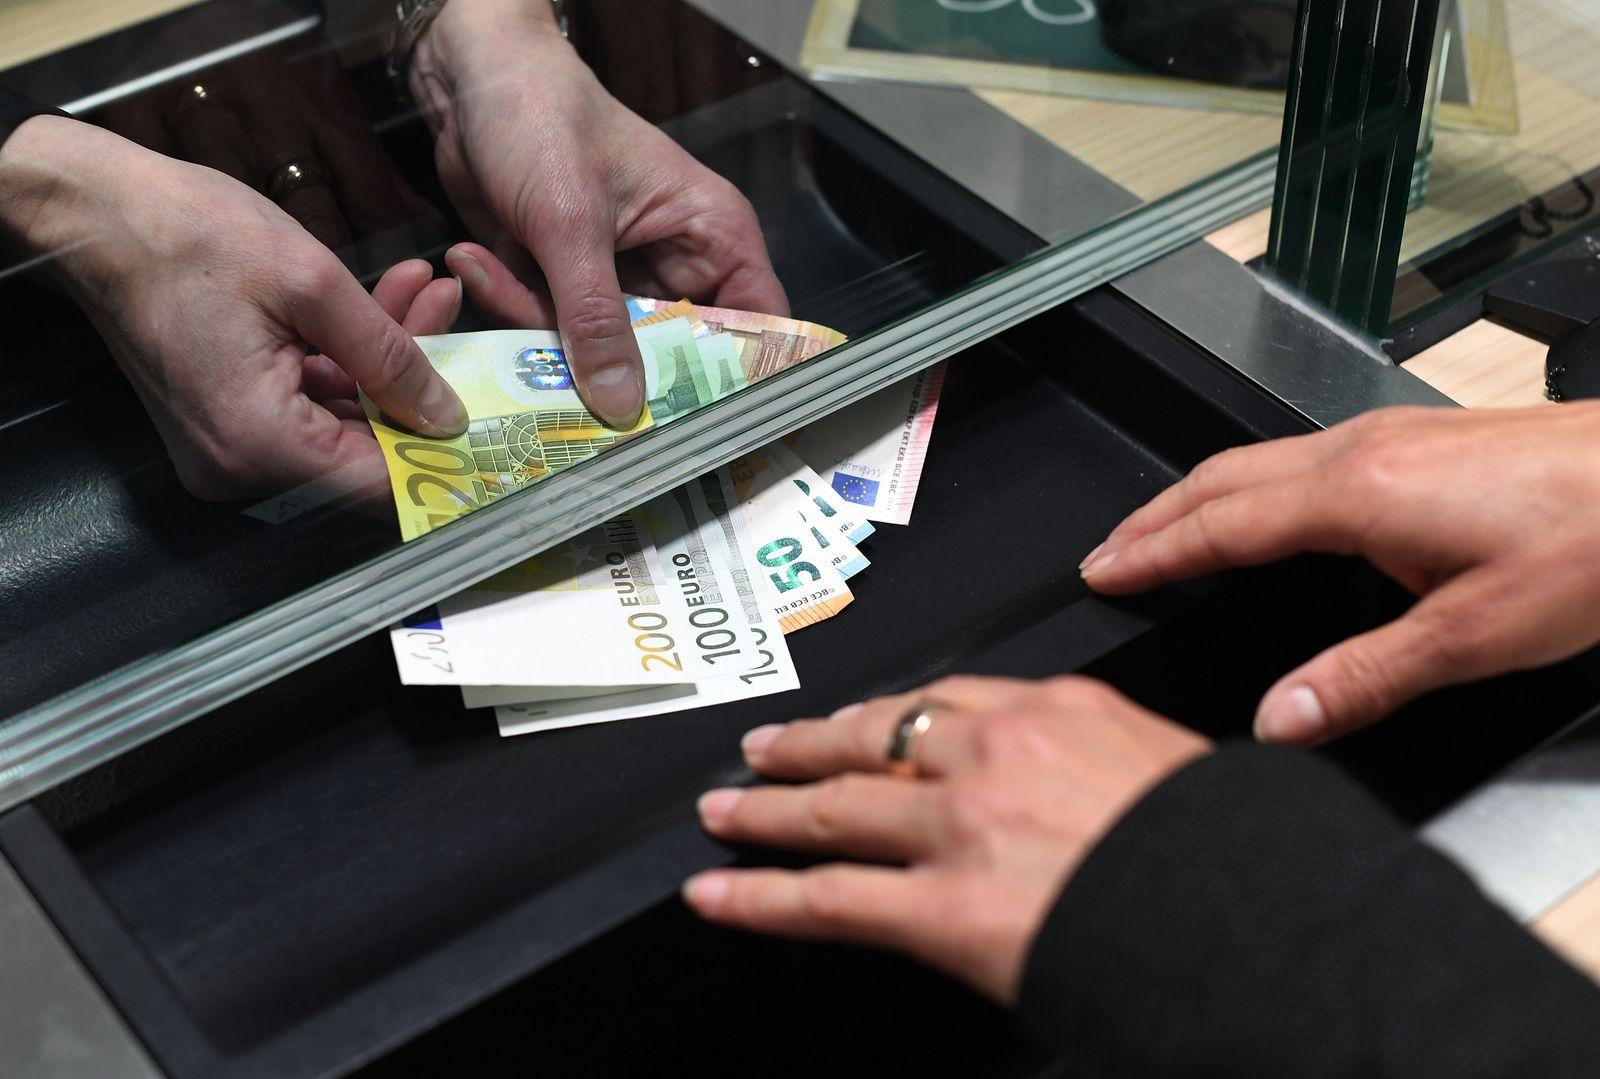 Einzahlen und Abheben am Schalter / Bargeld